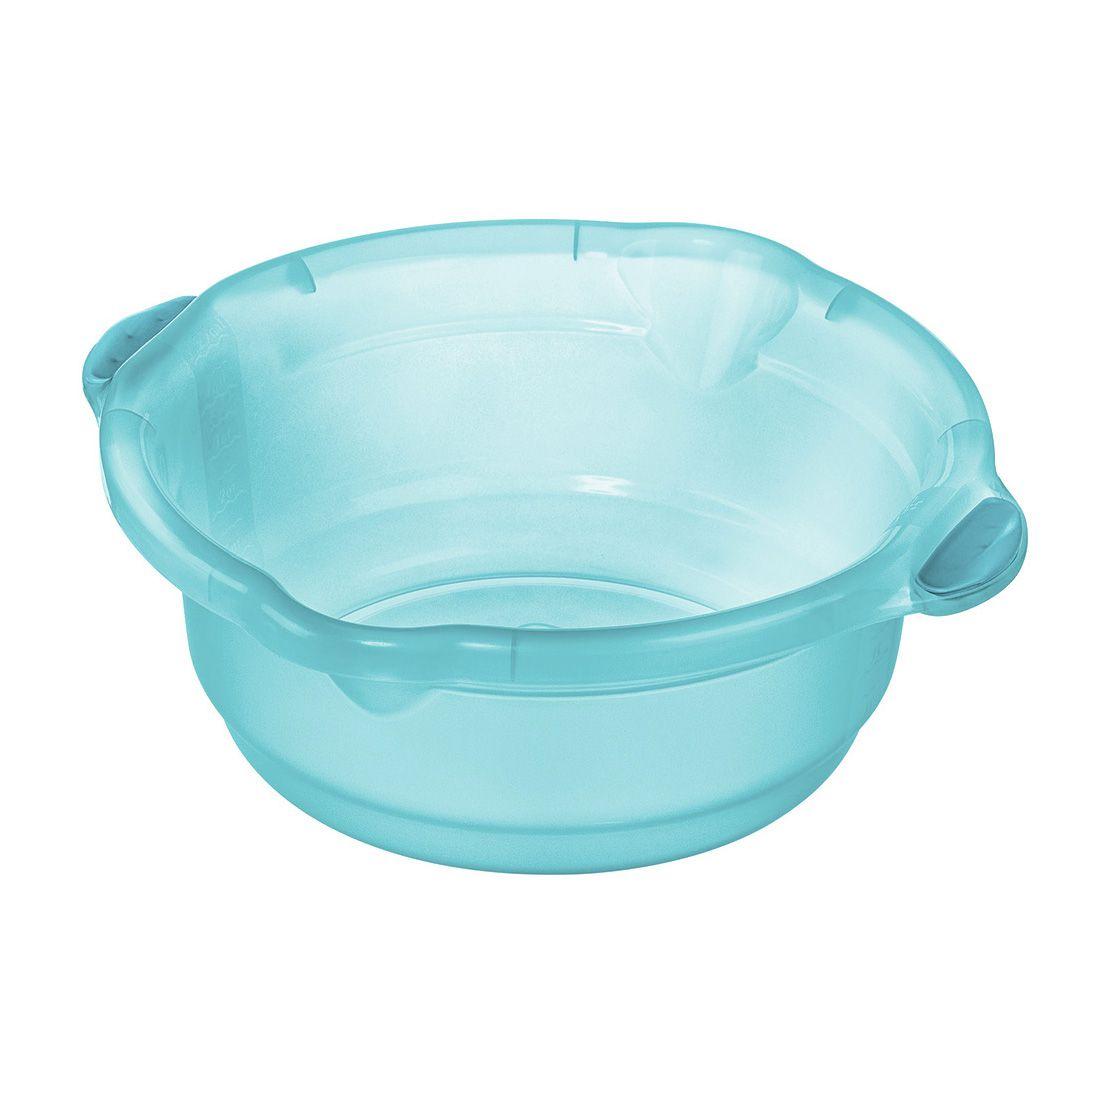 Bacia para Limpeza de Plástico Azul Tiffany Sanremo  5,2L